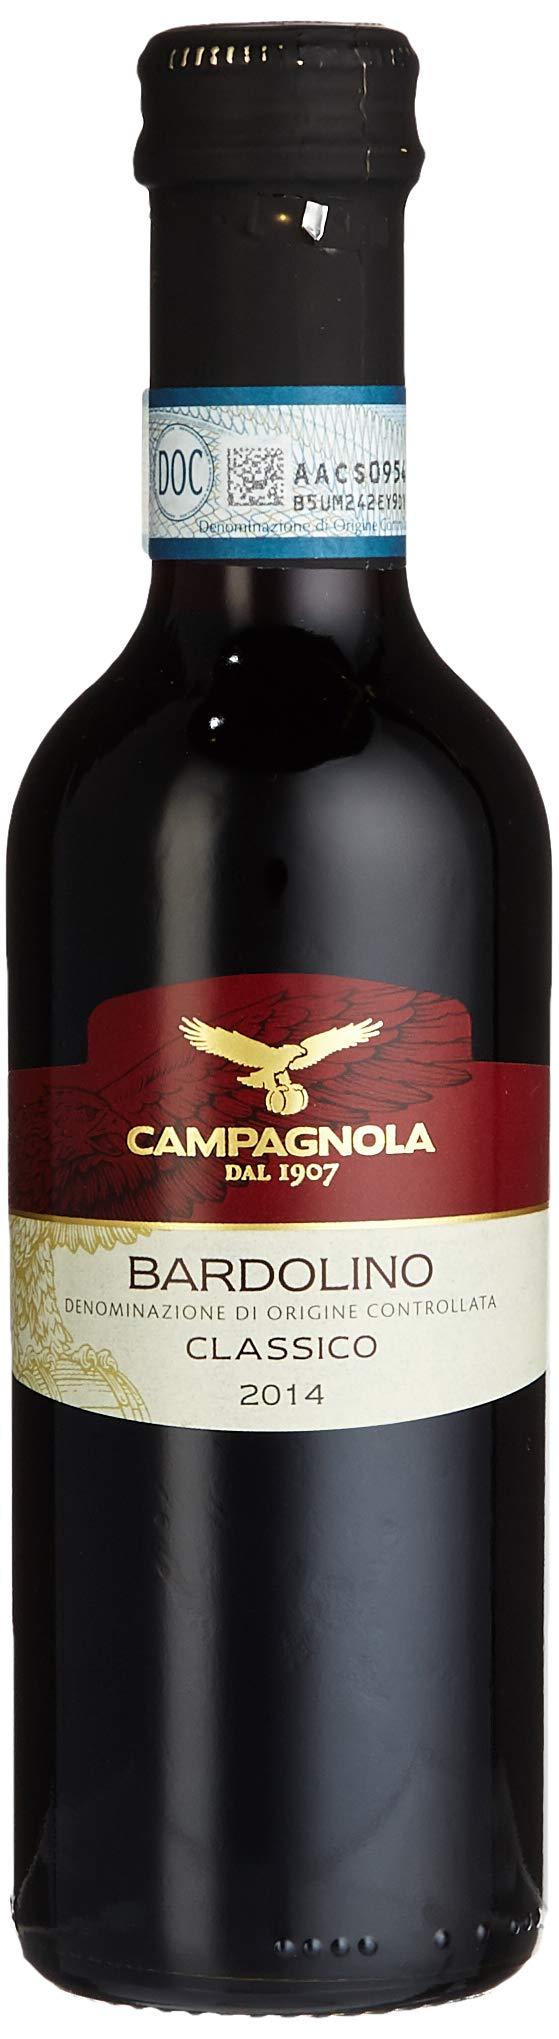 Weinkellerei-Giuseppe-Campagnola-Bardolino-Classico-kleine-Flasche-Trocken-1-x-0375-l